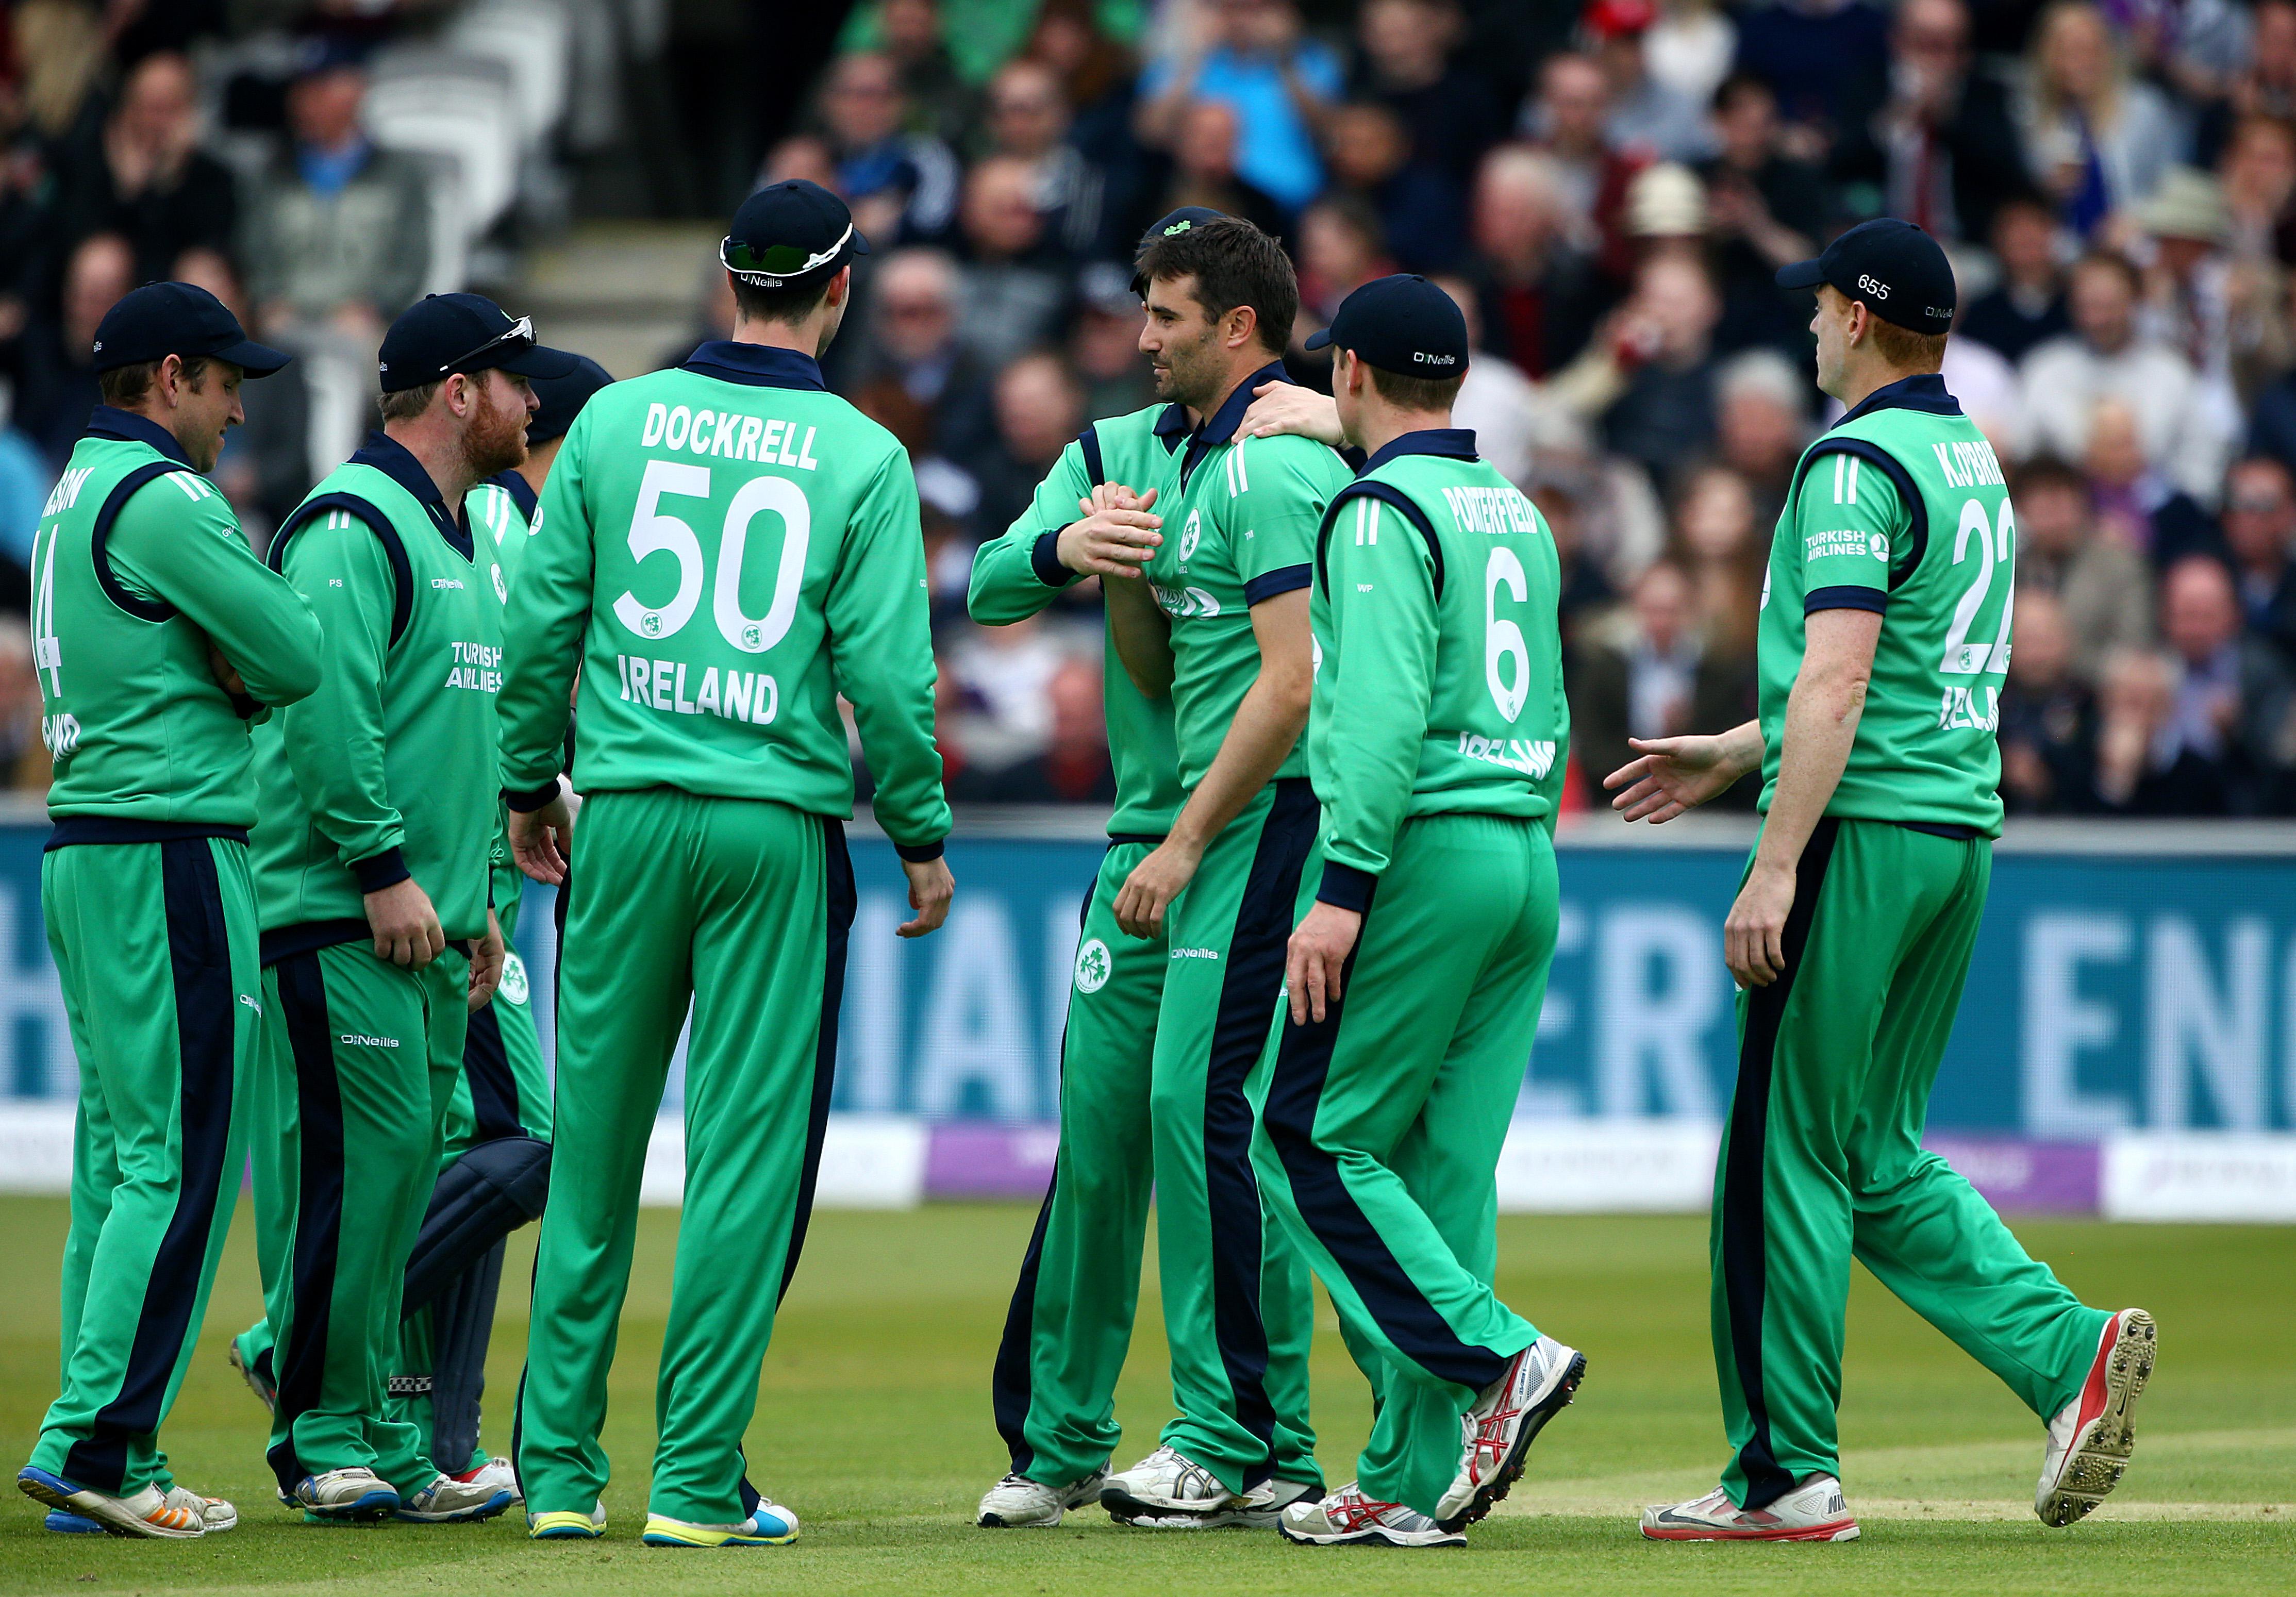 विश्व कप से पहले वेस्टइंडीज, बांग्लादेश की मेजबनी करेगा आयरलैंड